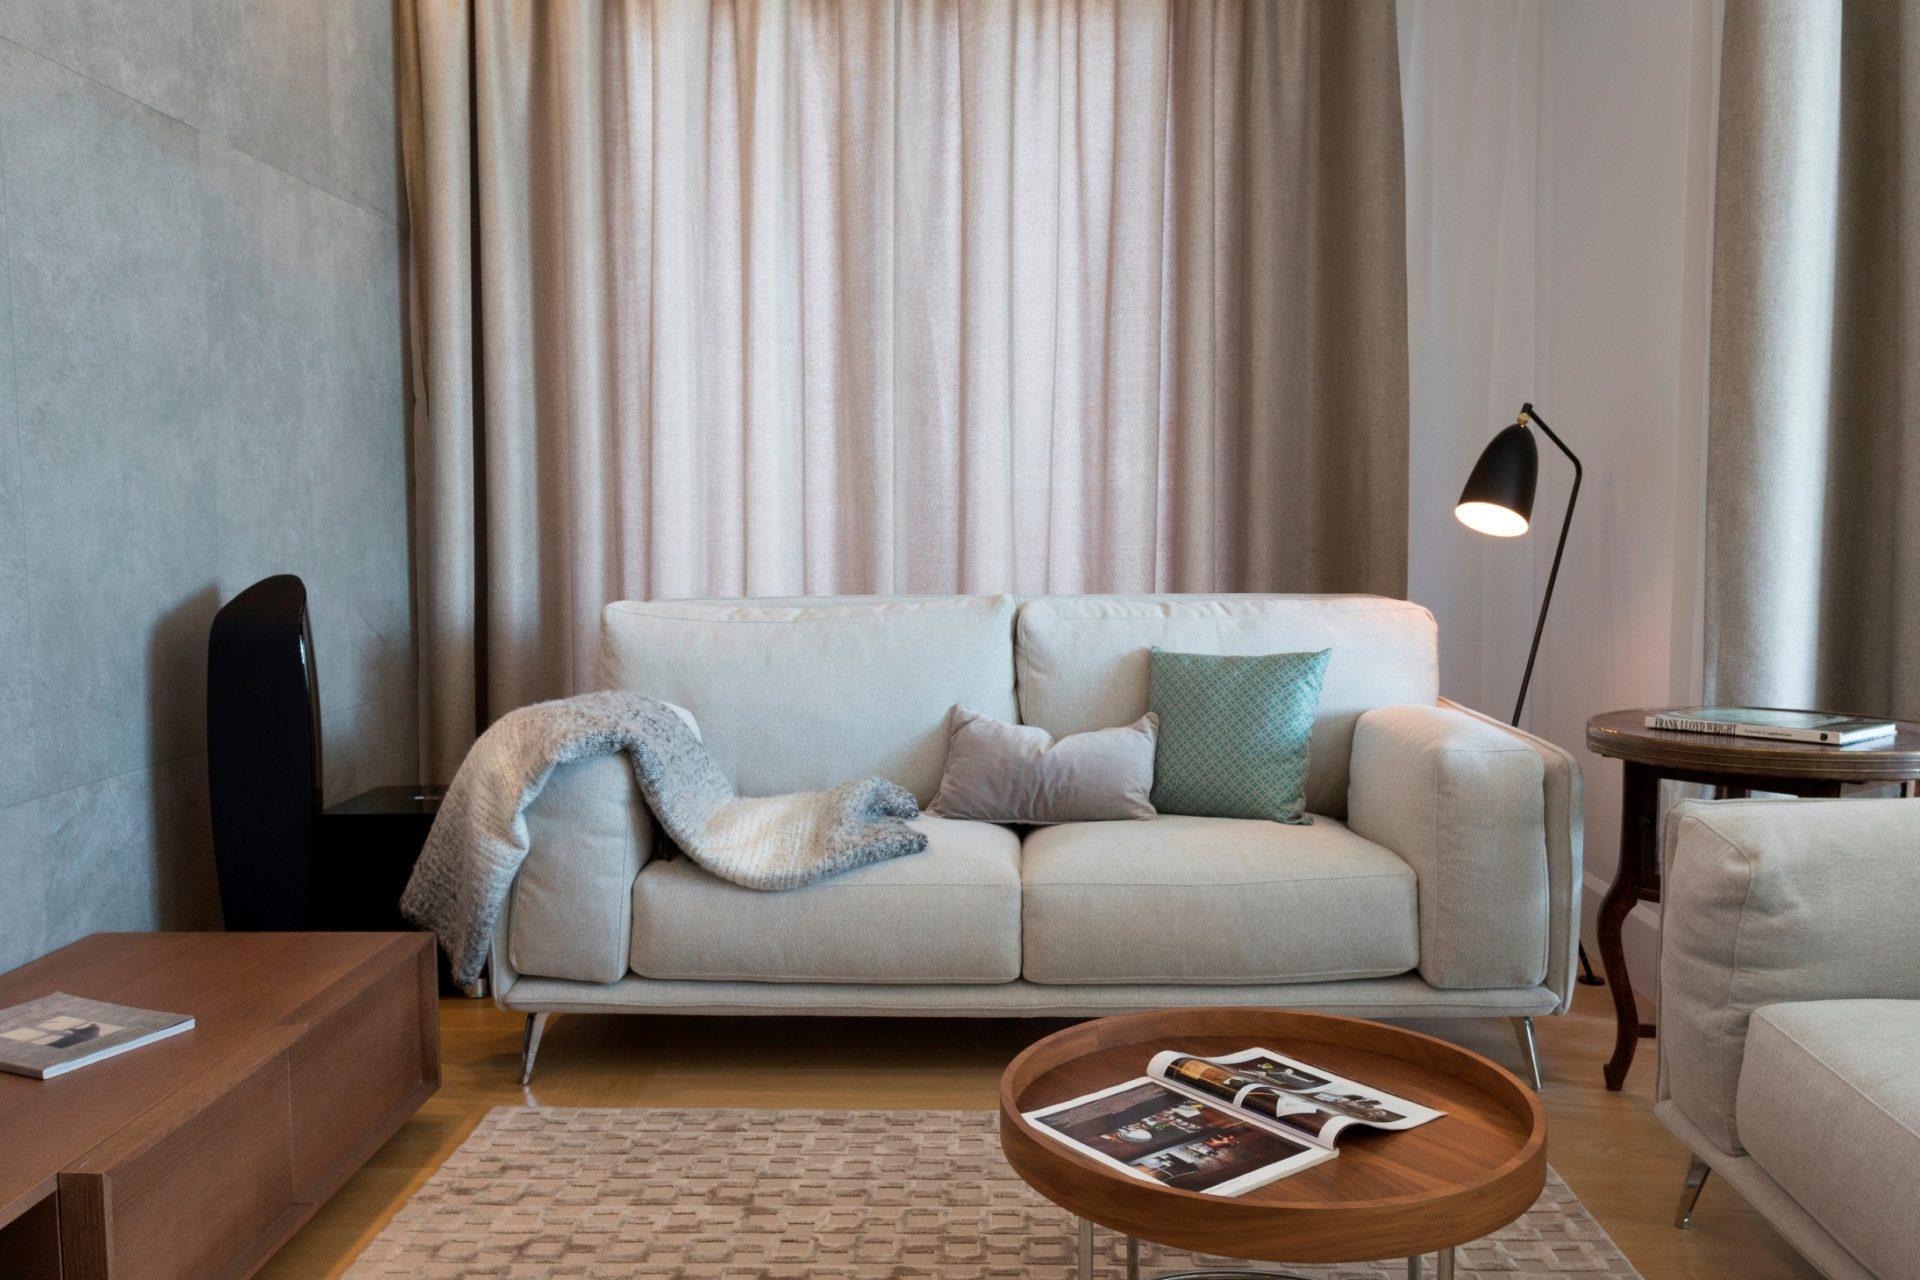 Apartament w Gdyni 2015 - 00 - ikona